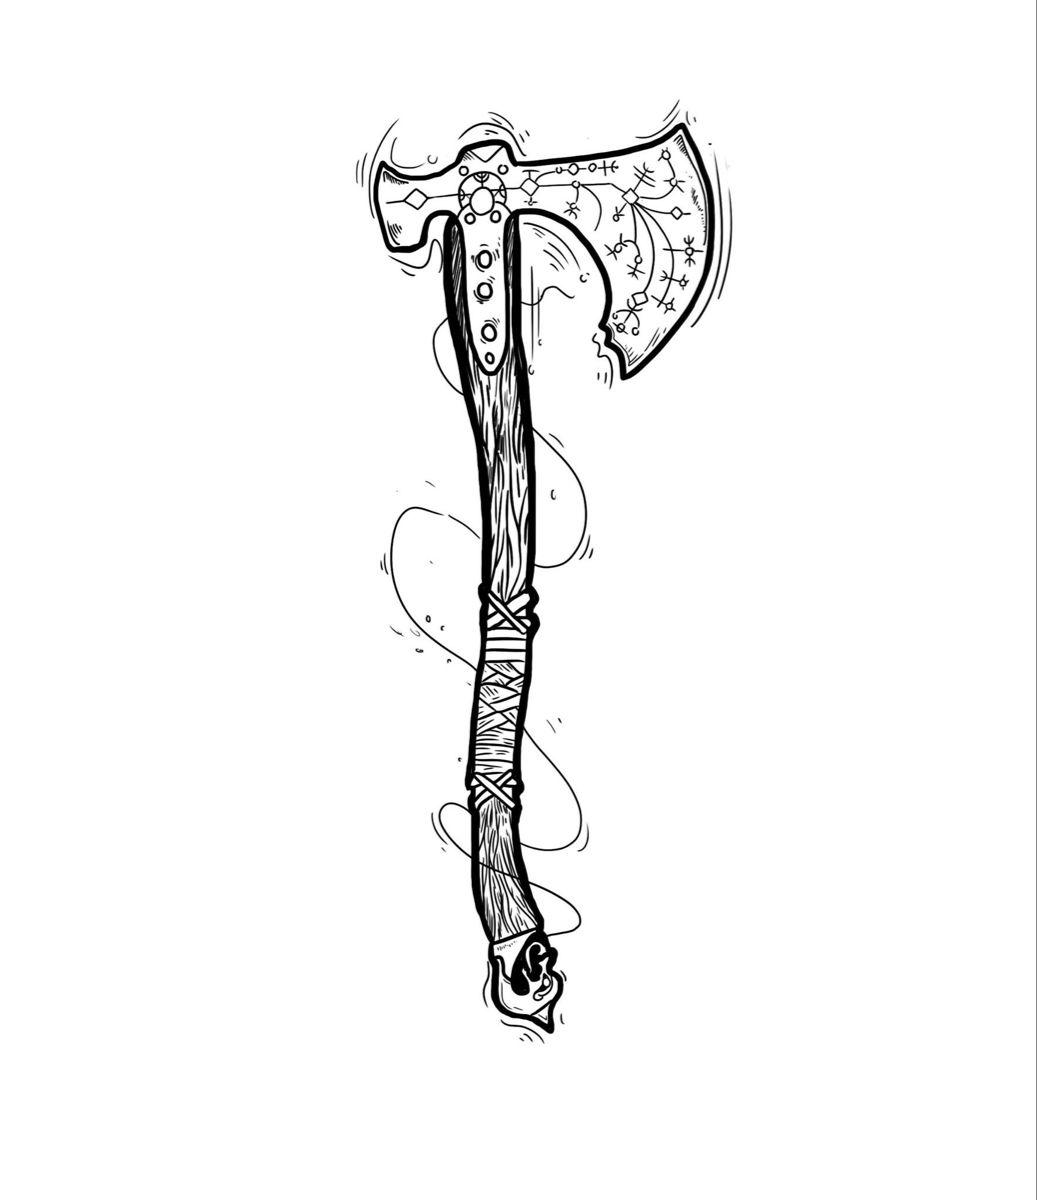 #kratos #tattoo #tattoodesign #axe #weapon #dotwork